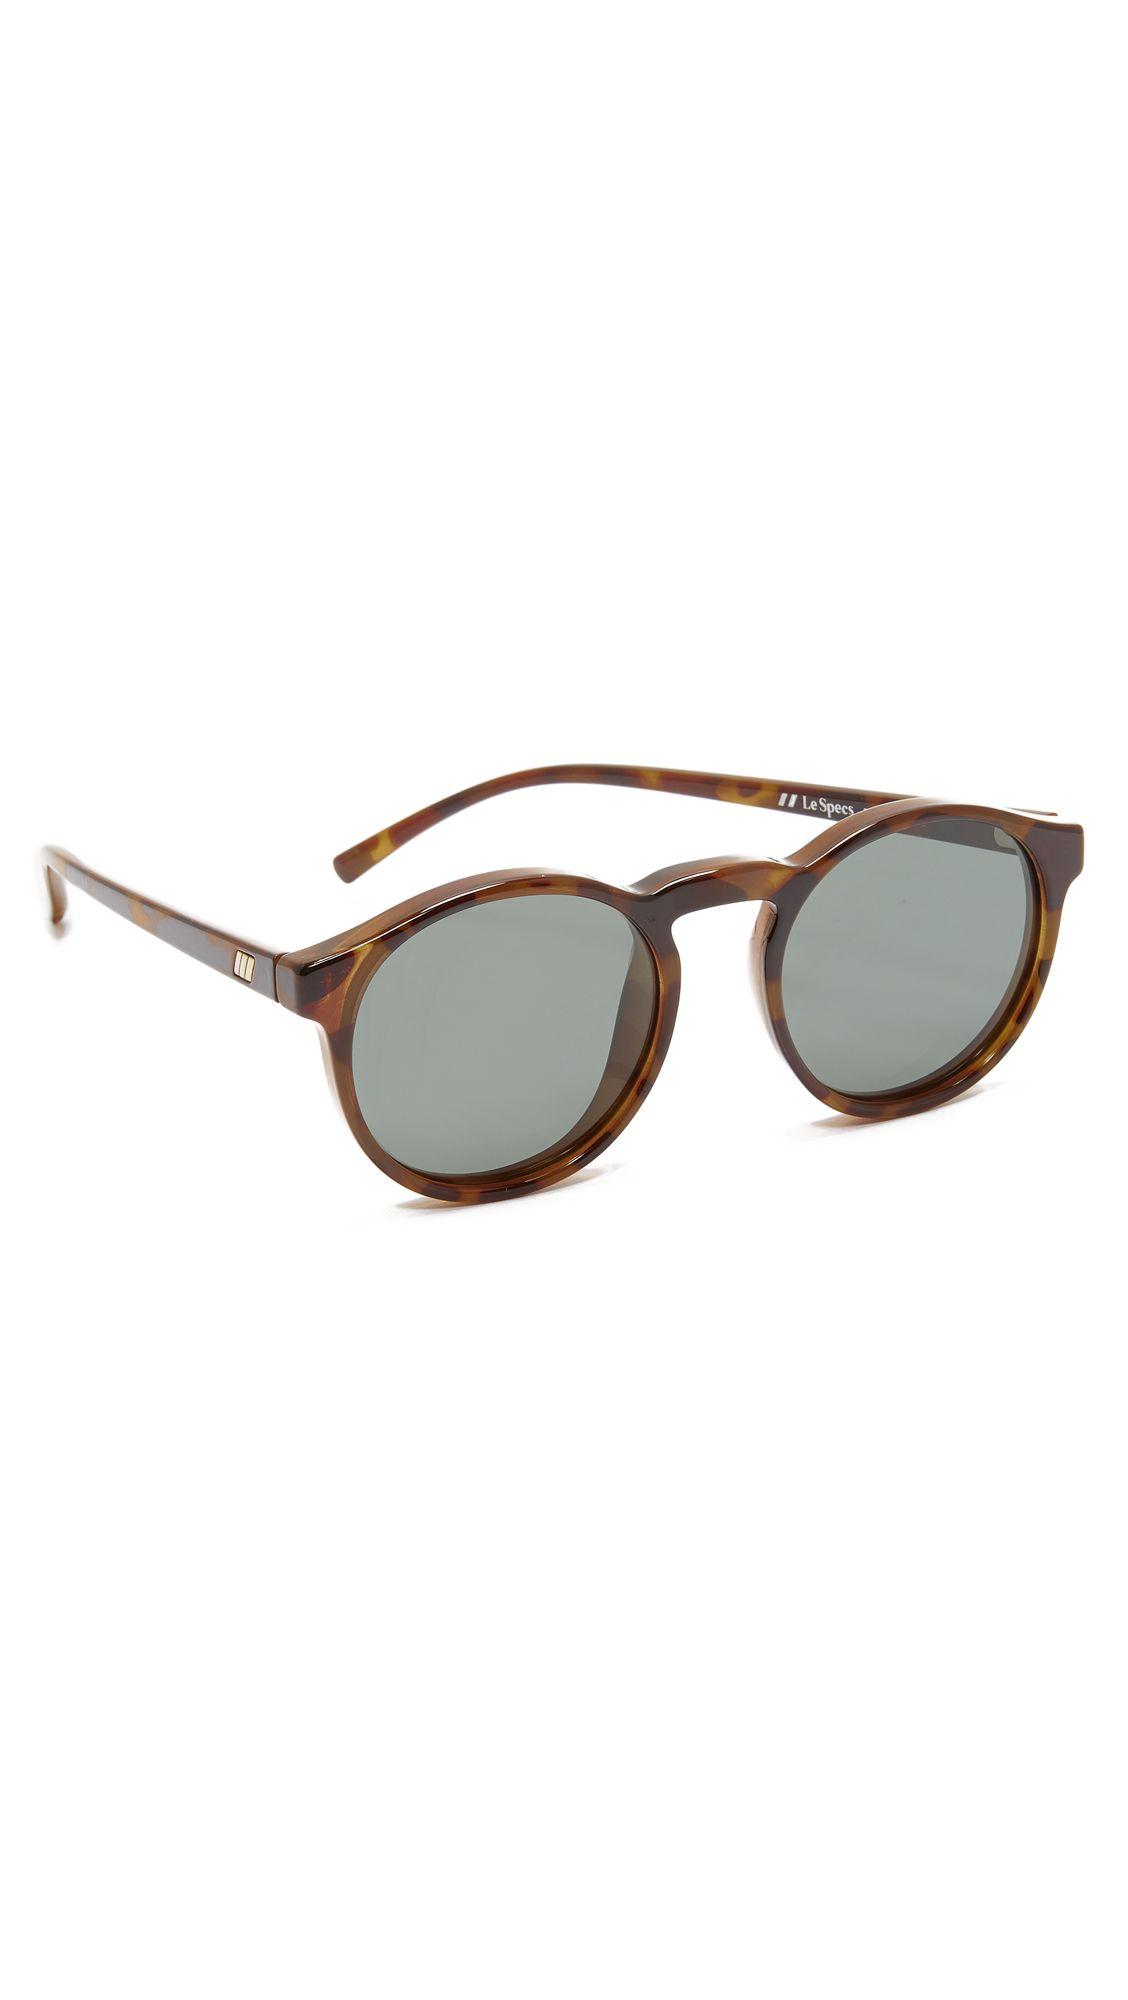 9b80401b084 LE SPECS Cubanos Sunglasses.  lespecs  sunglasses